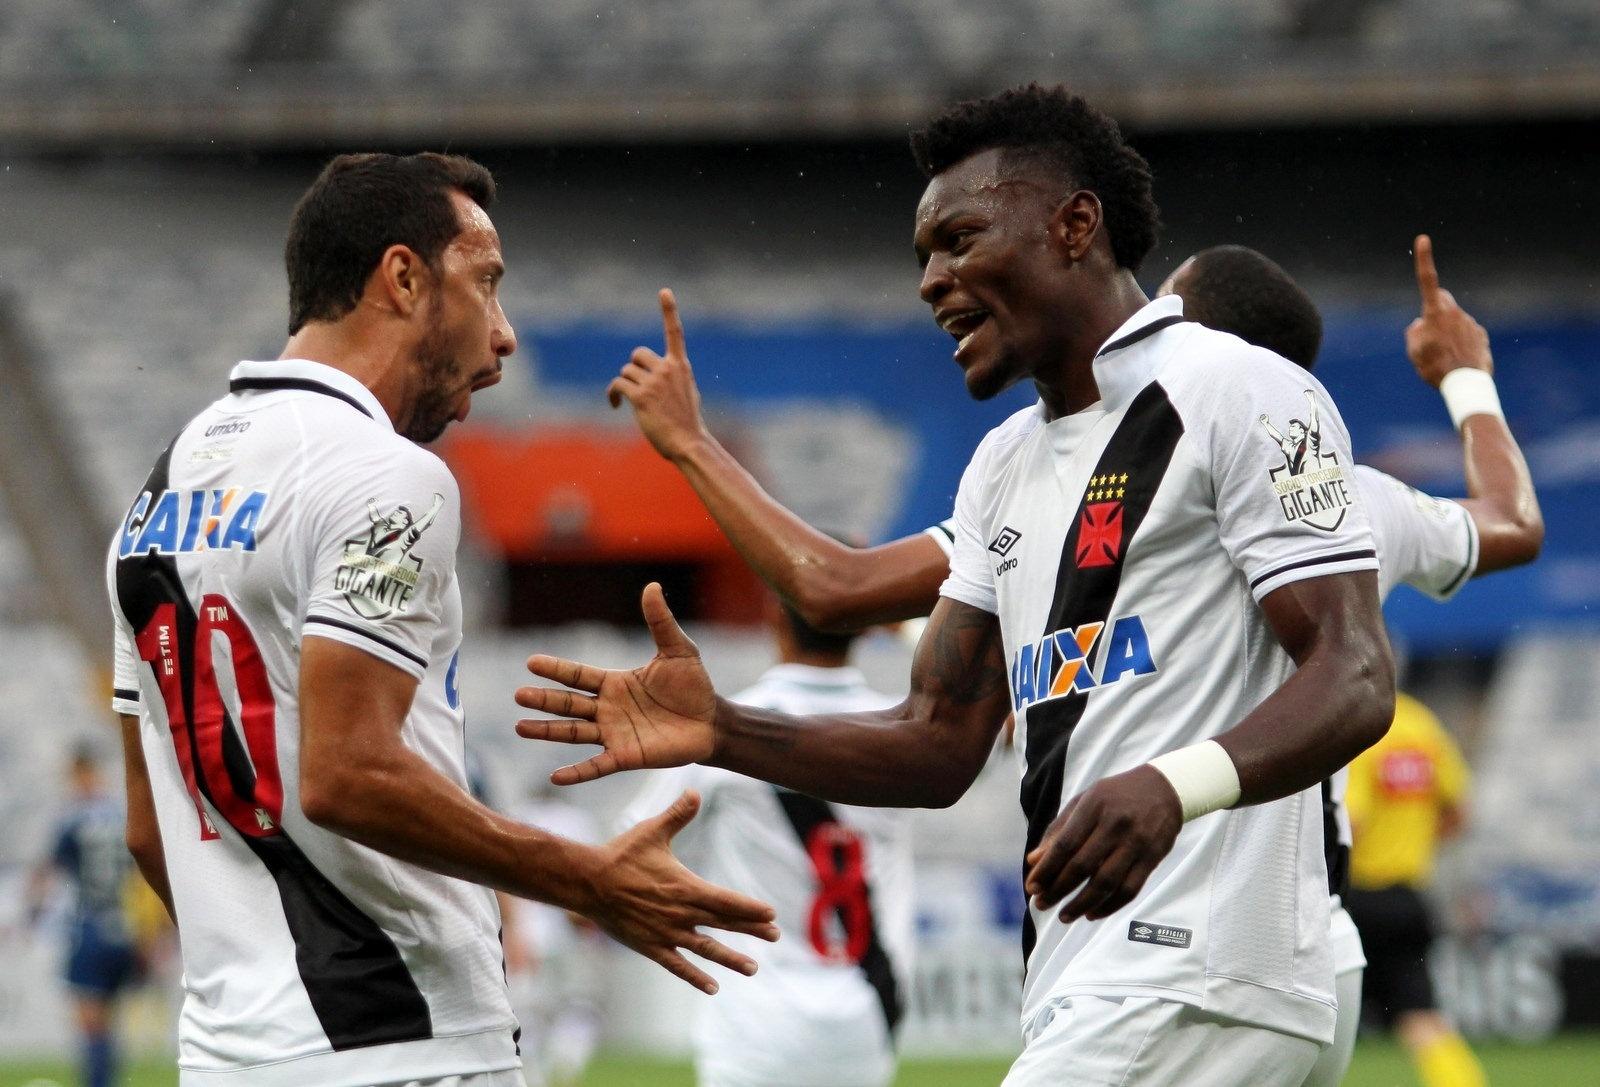 Paulão comemora com Nenê o gol do Vasco diante do Cruzeiro, no Mineirão, pelo Brasileirão